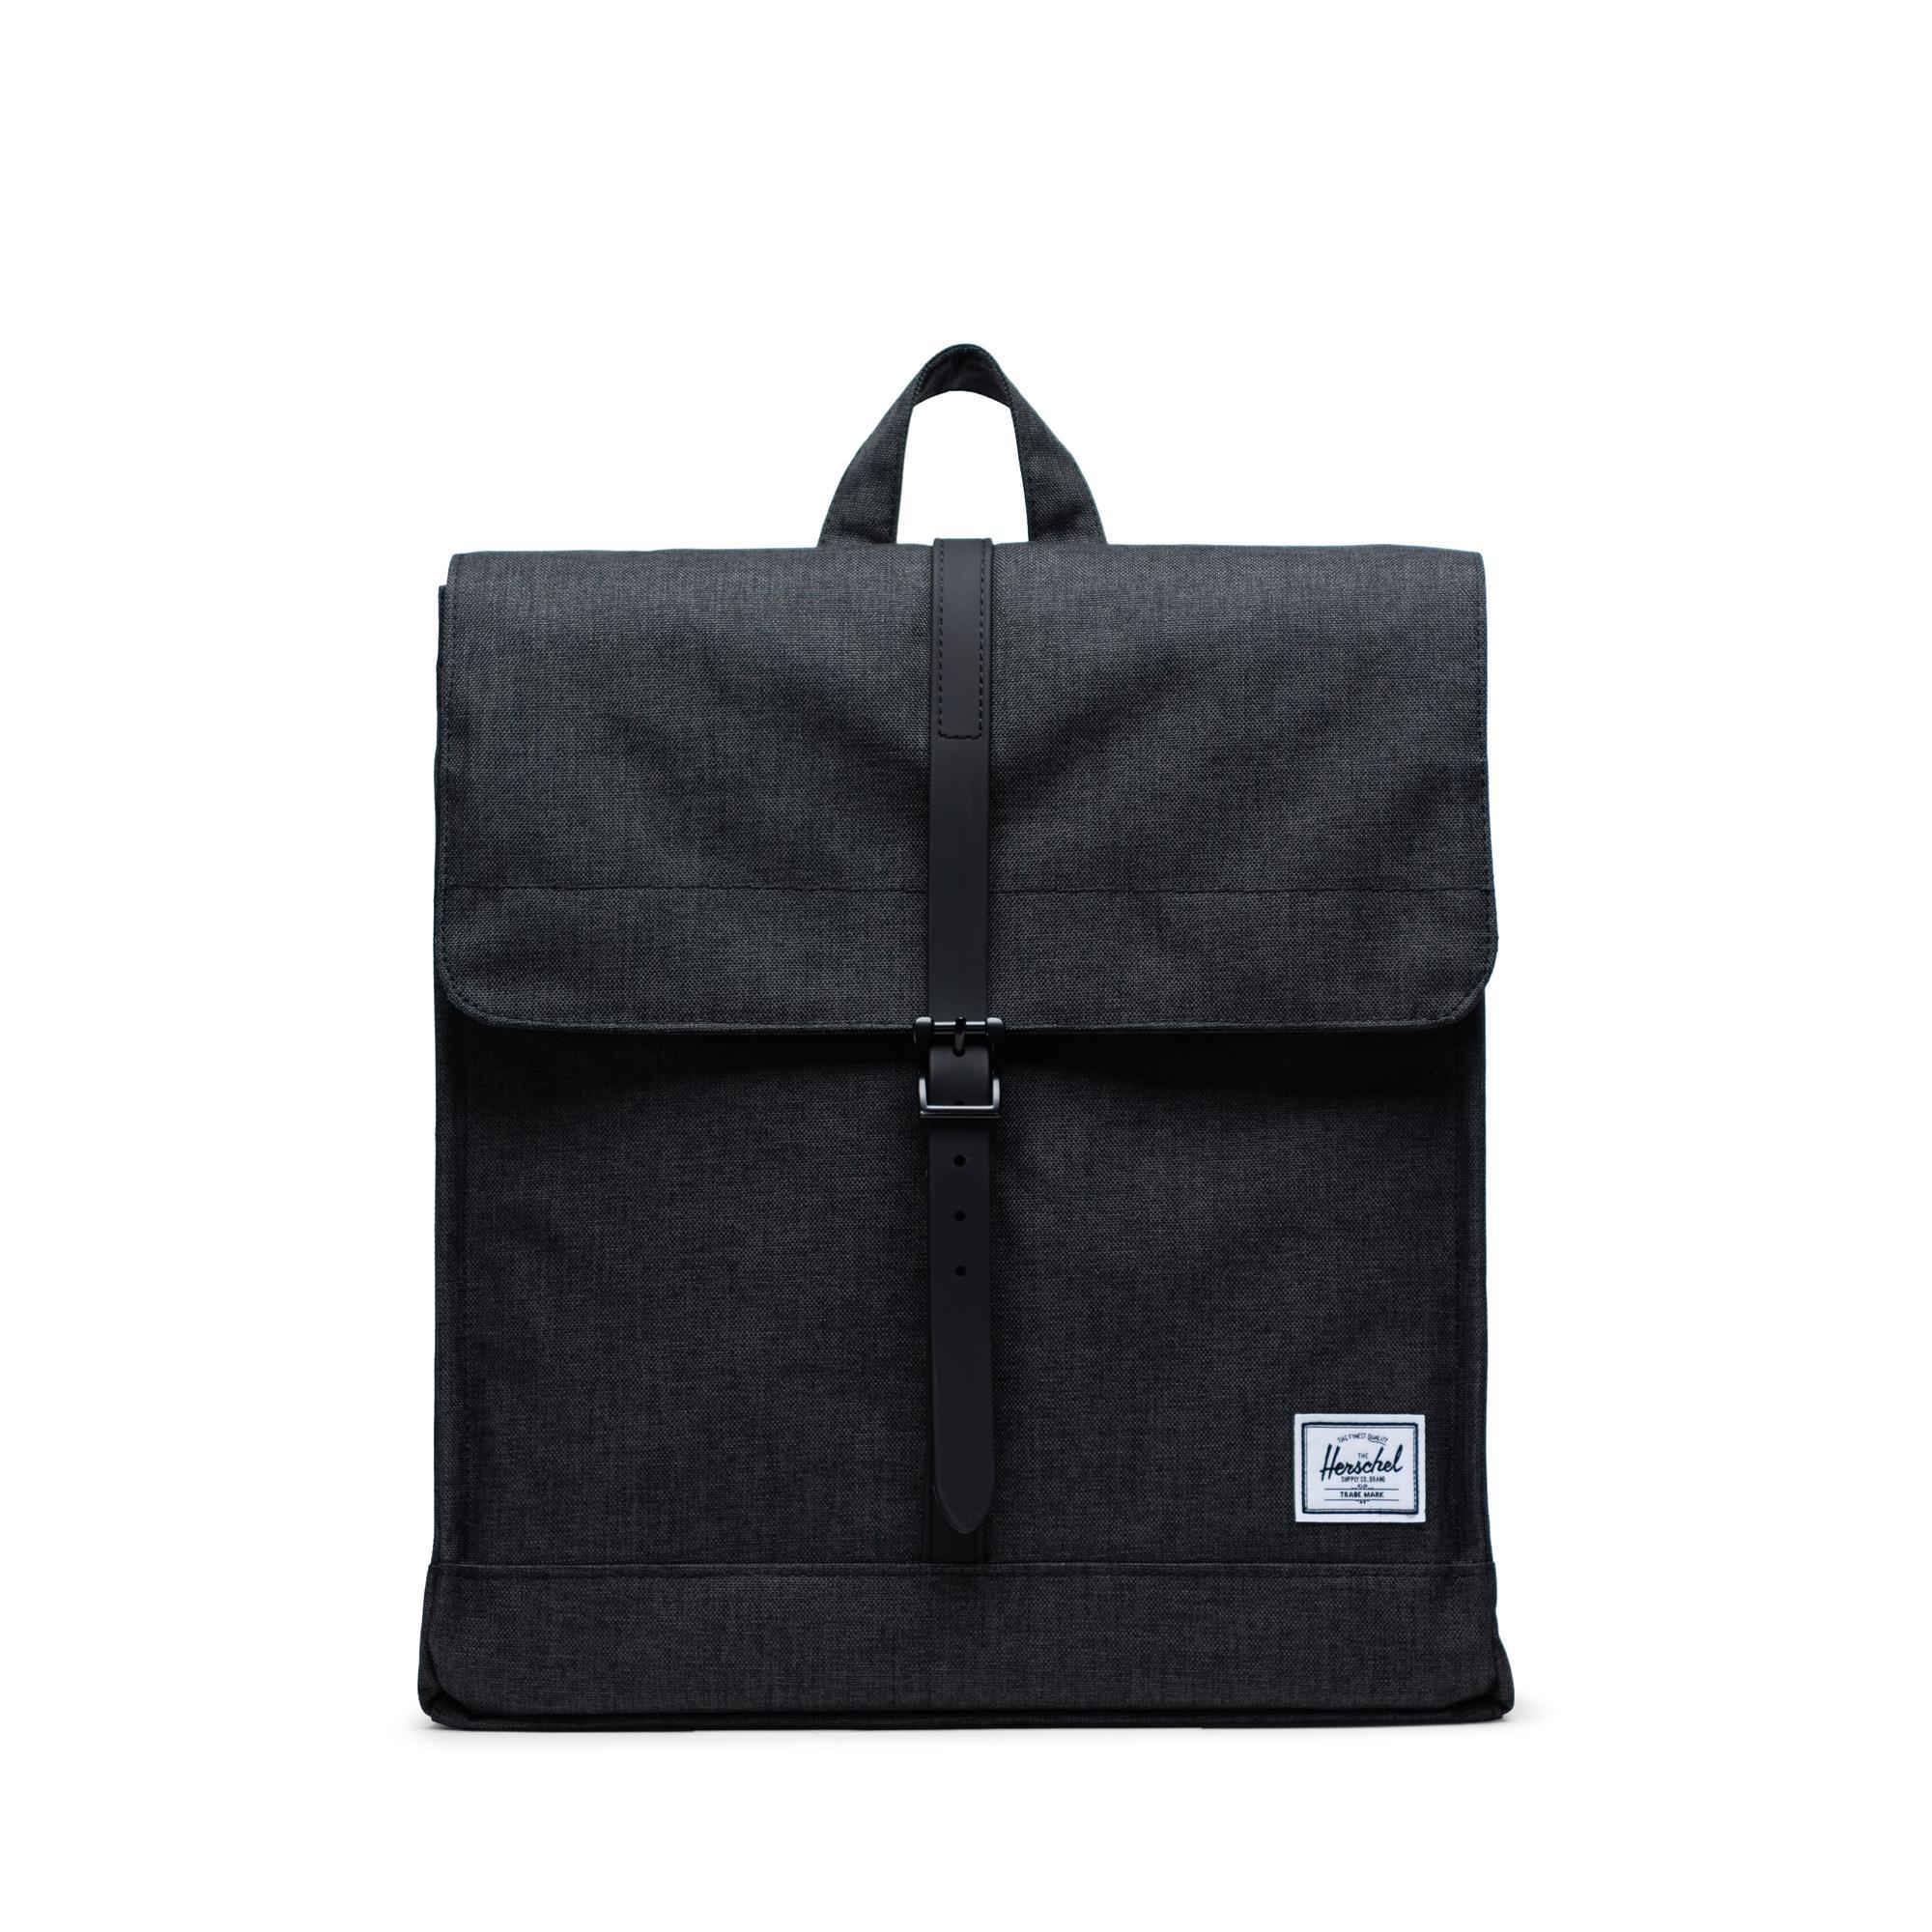 7af79a2d87152 City Backpack Mid-Volume